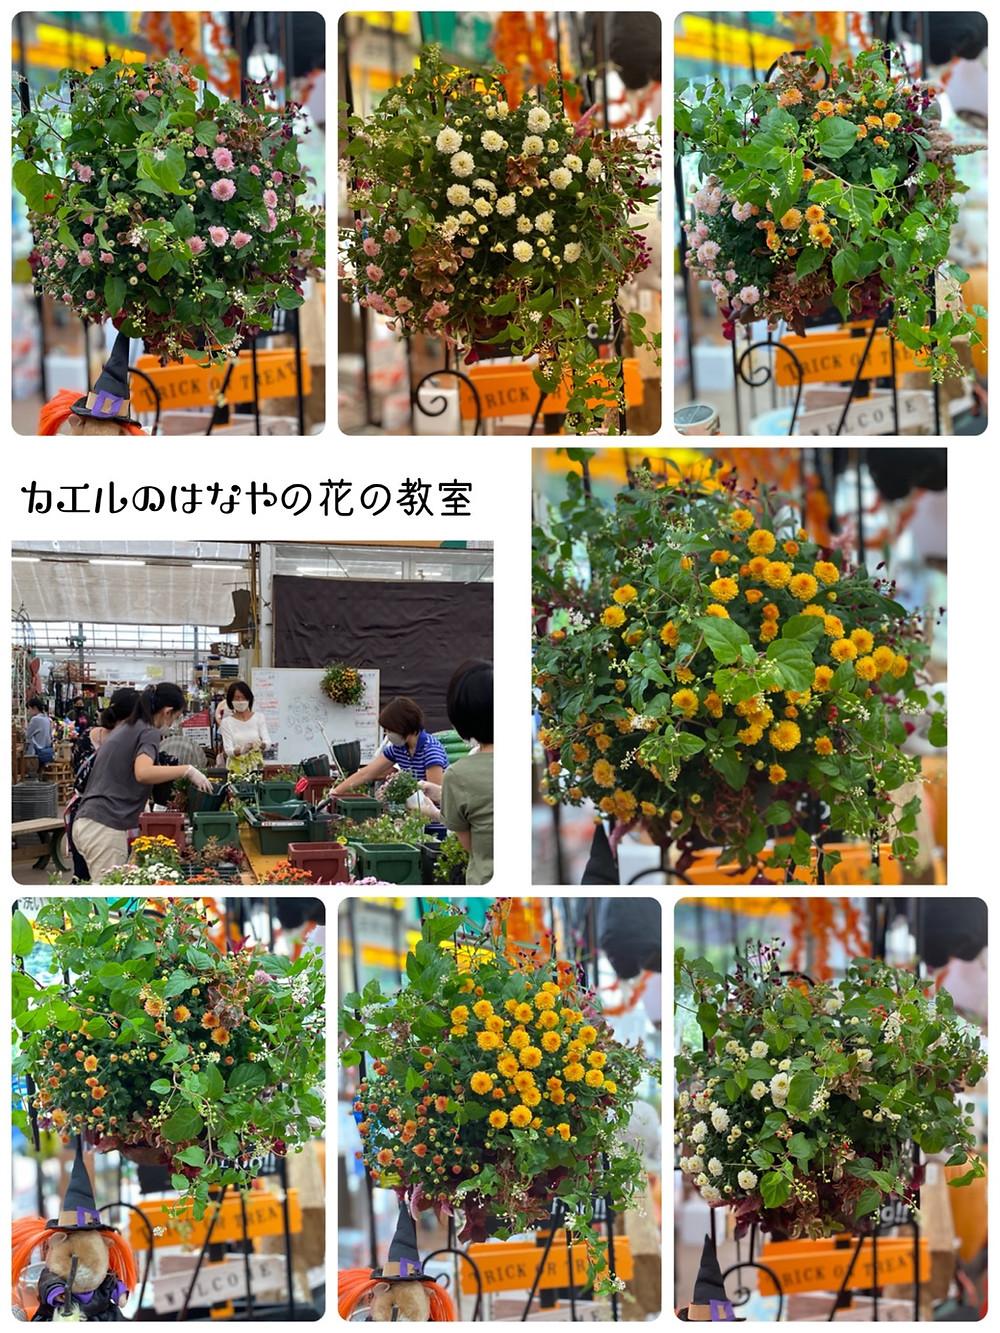 ハンギングバスケット教室 横浜金沢皆さんの作品